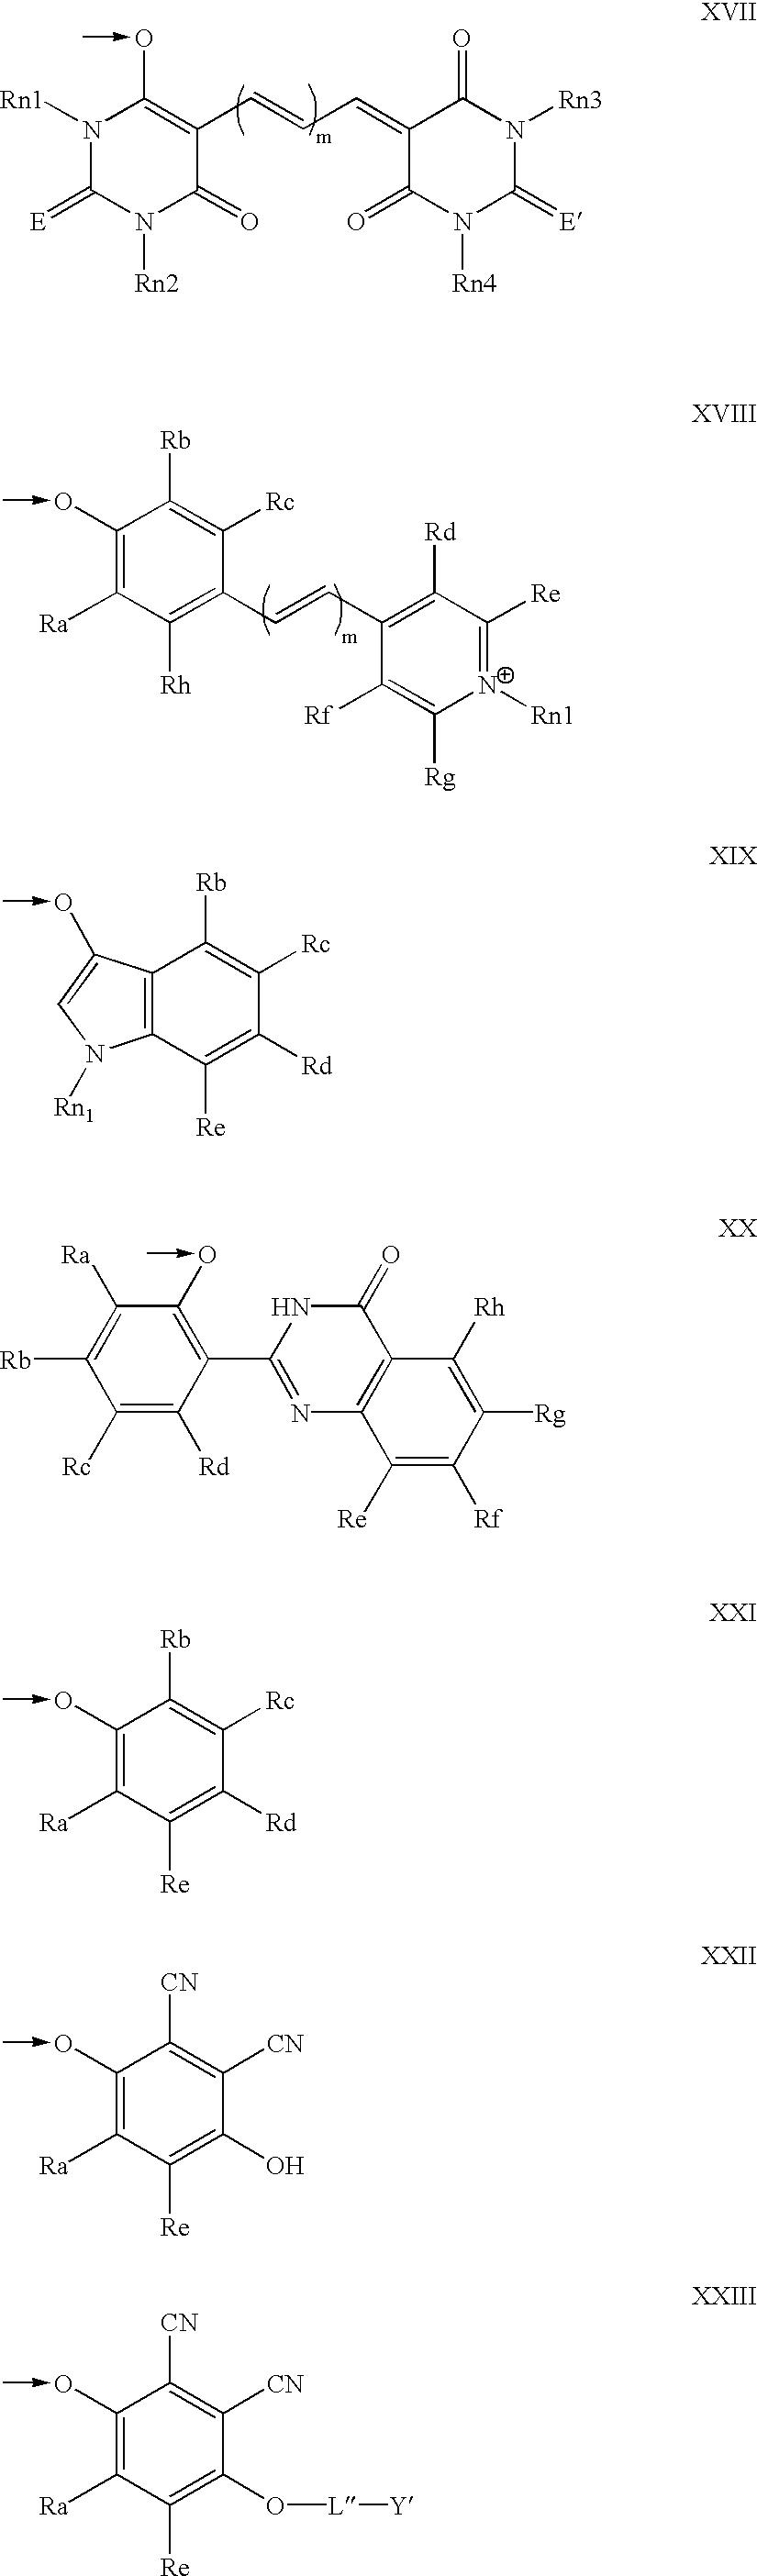 Figure US06514687-20030204-C00085